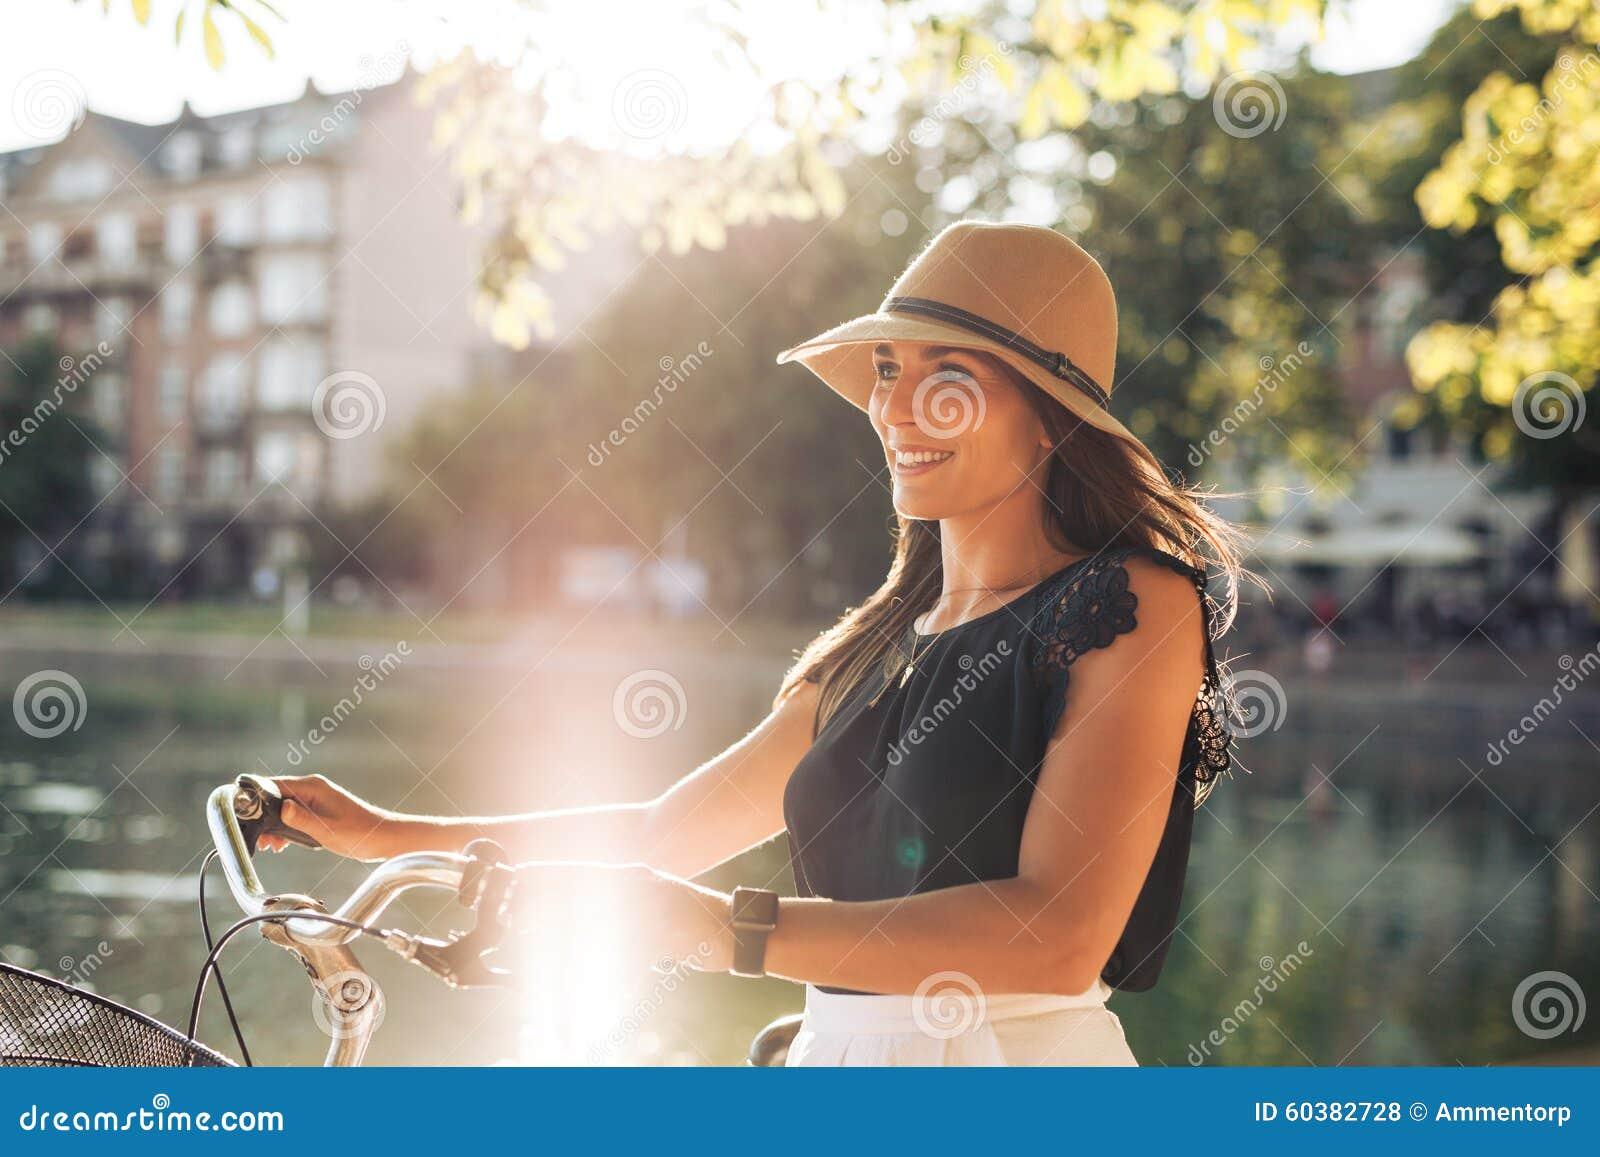 Portret szczęśliwa młoda kobieta przy miasto parka odprowadzeniem z jej bicyklem